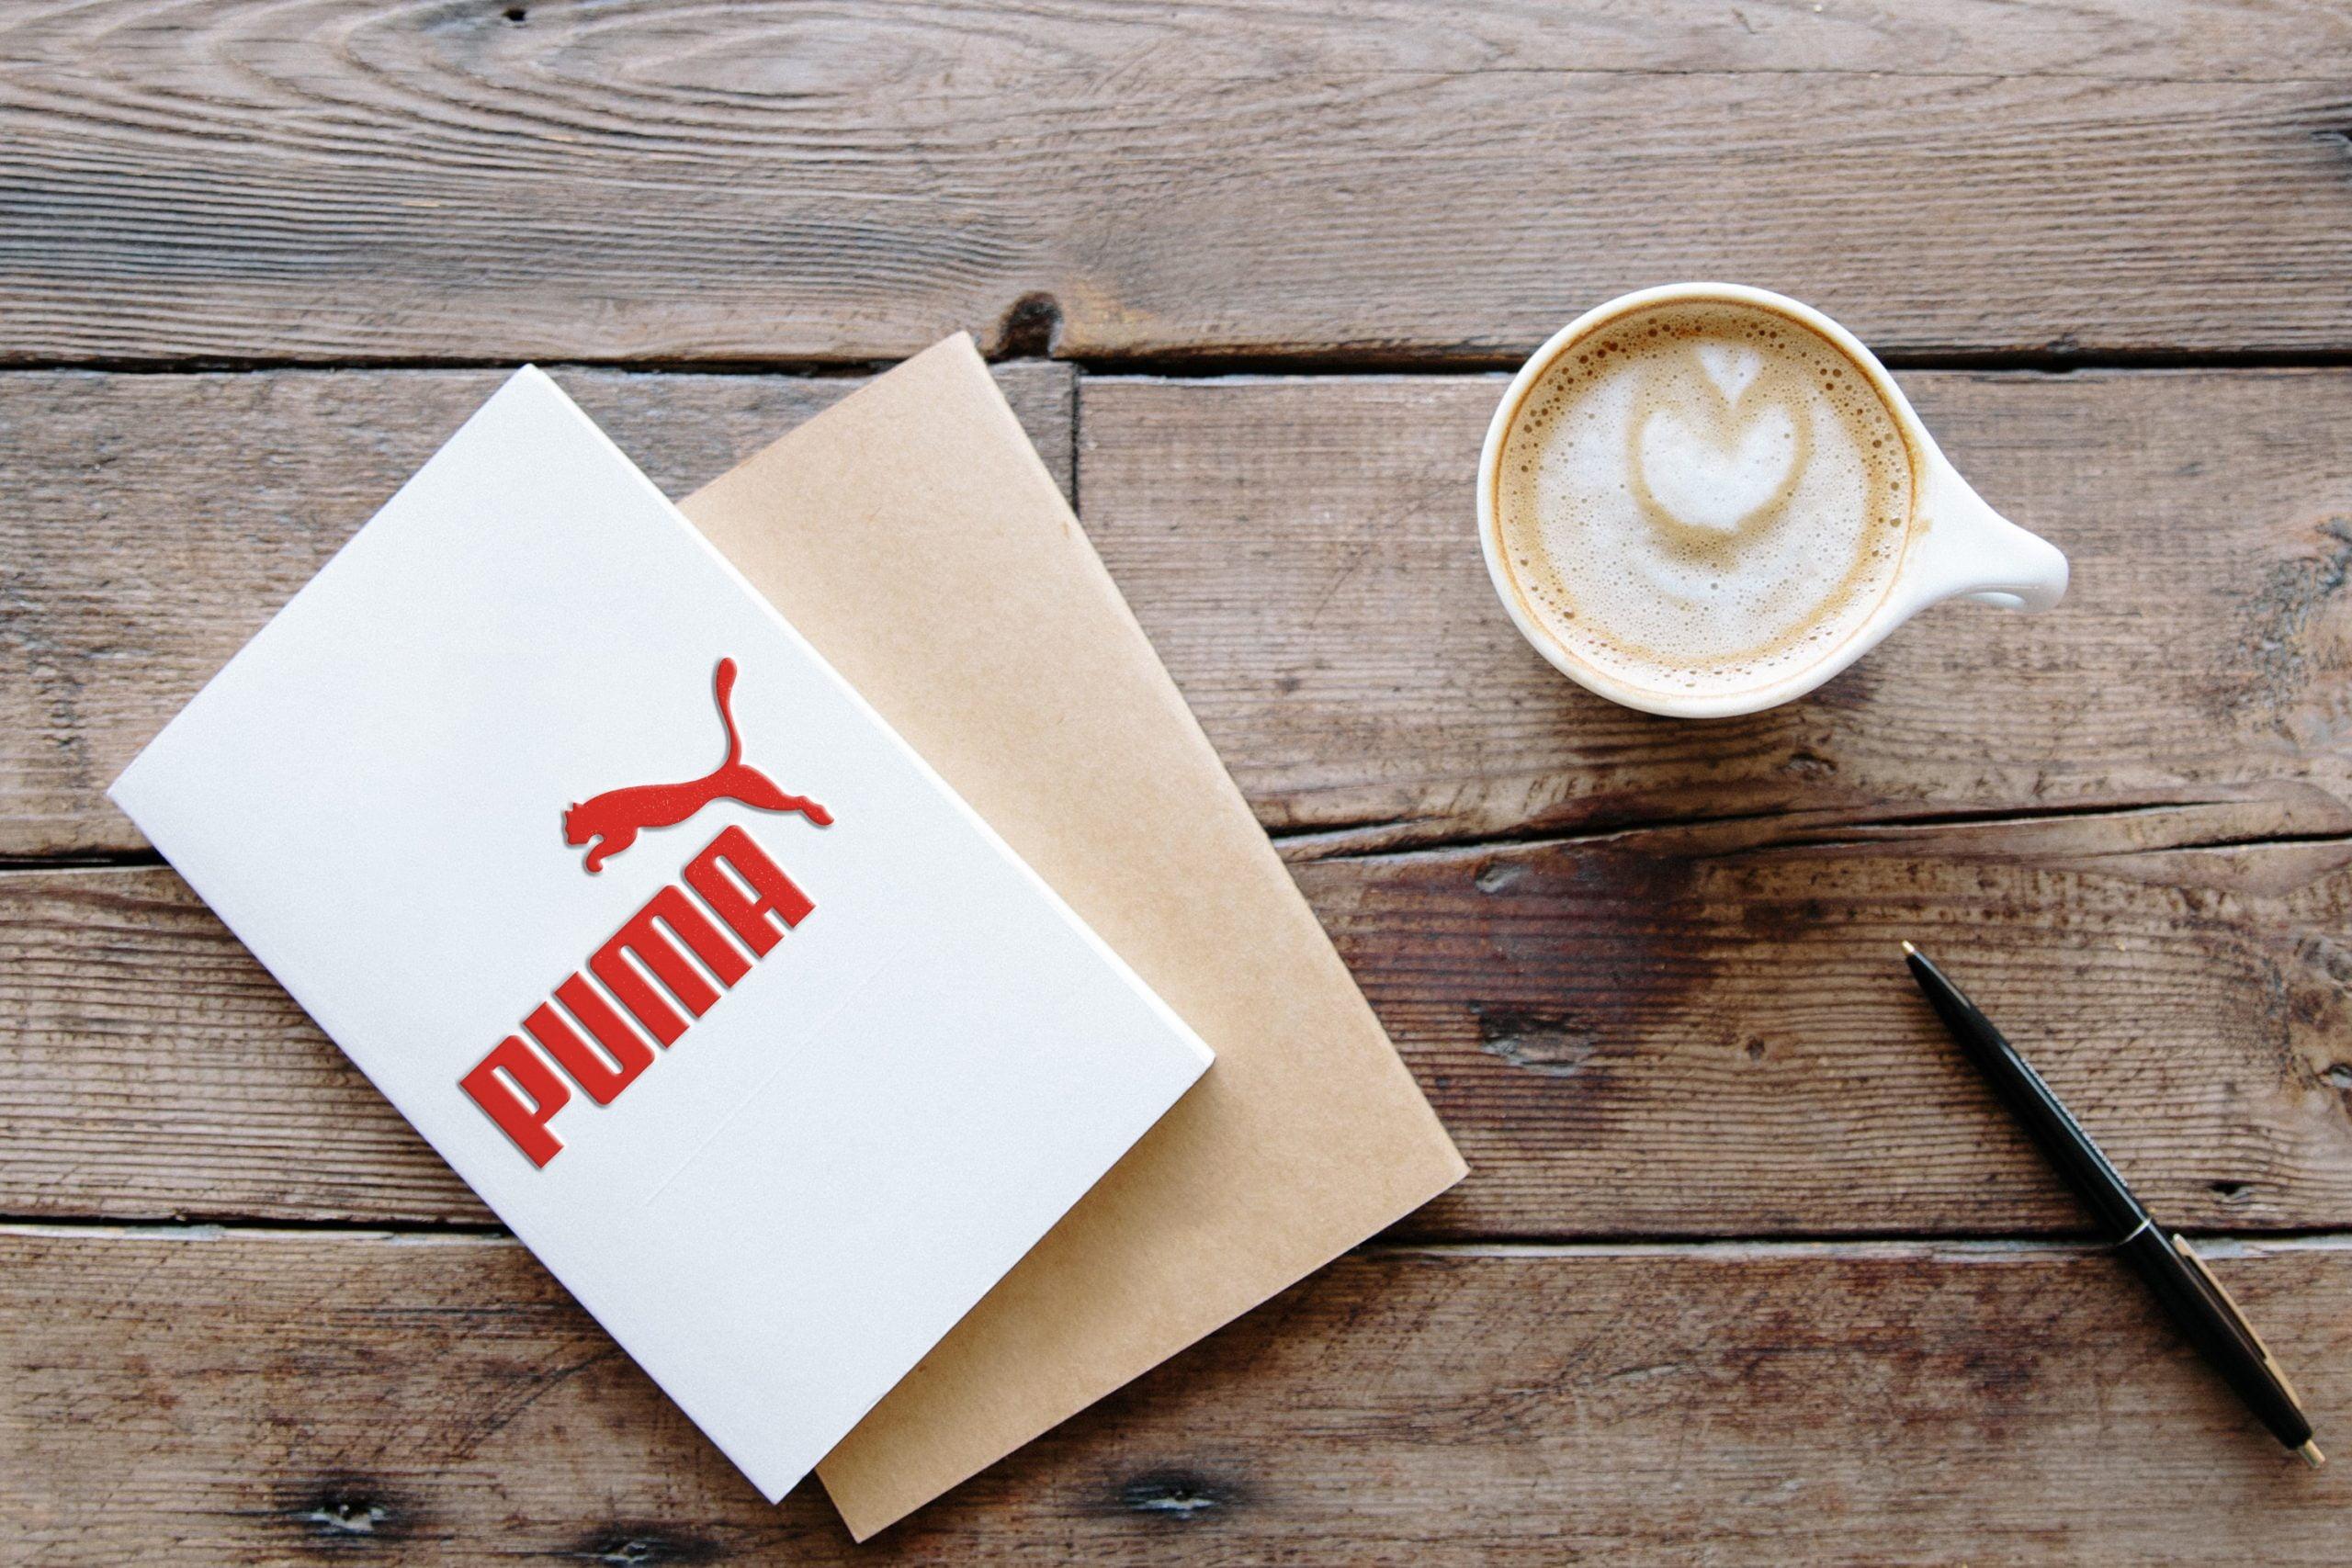 3D Embossed Card Logo Mockup Download